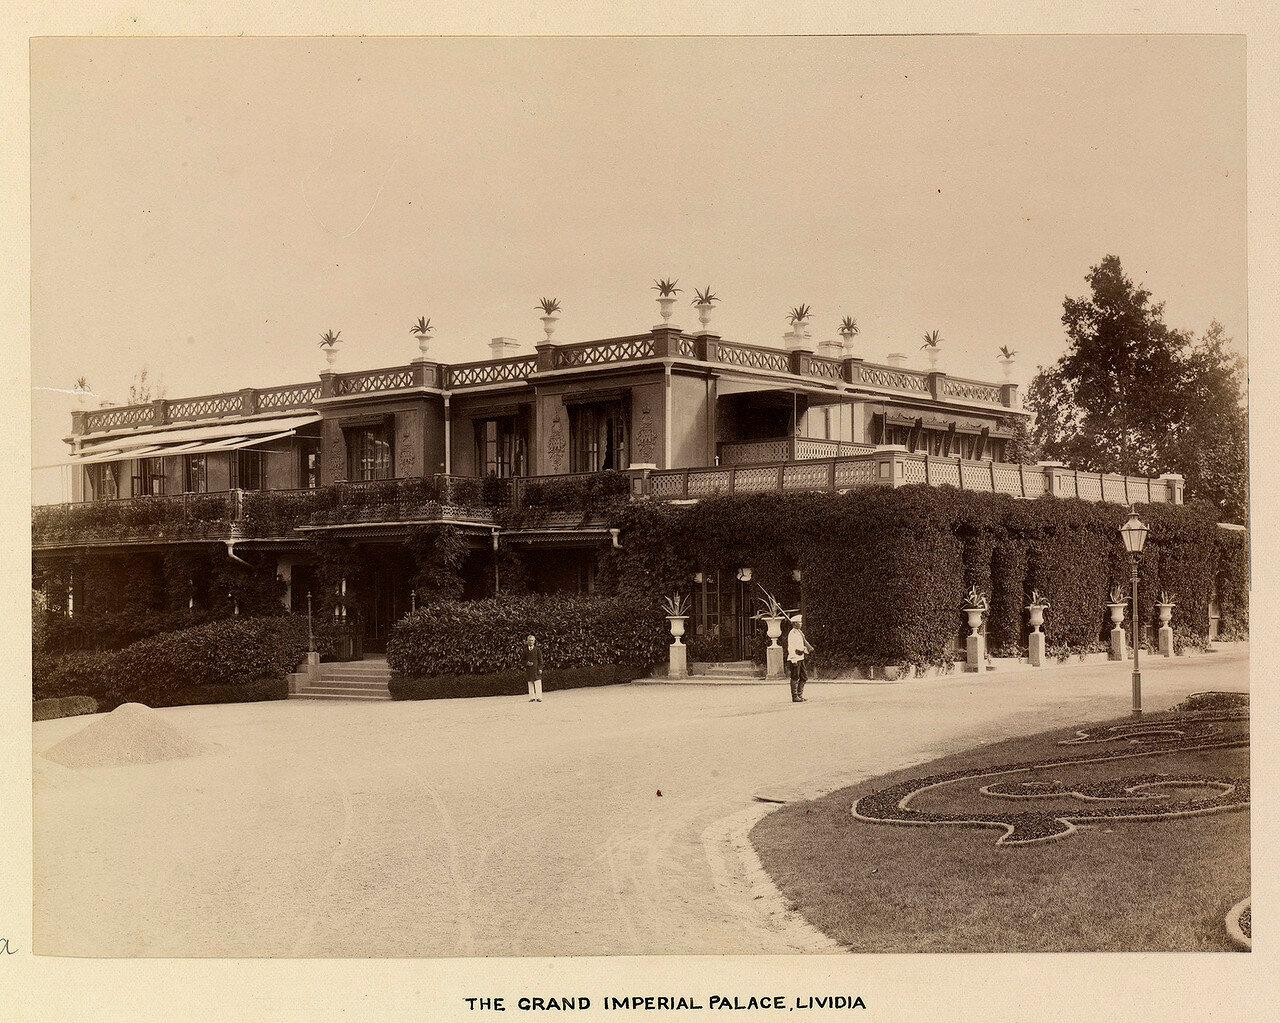 Ливадия. Большой Императорский дворец